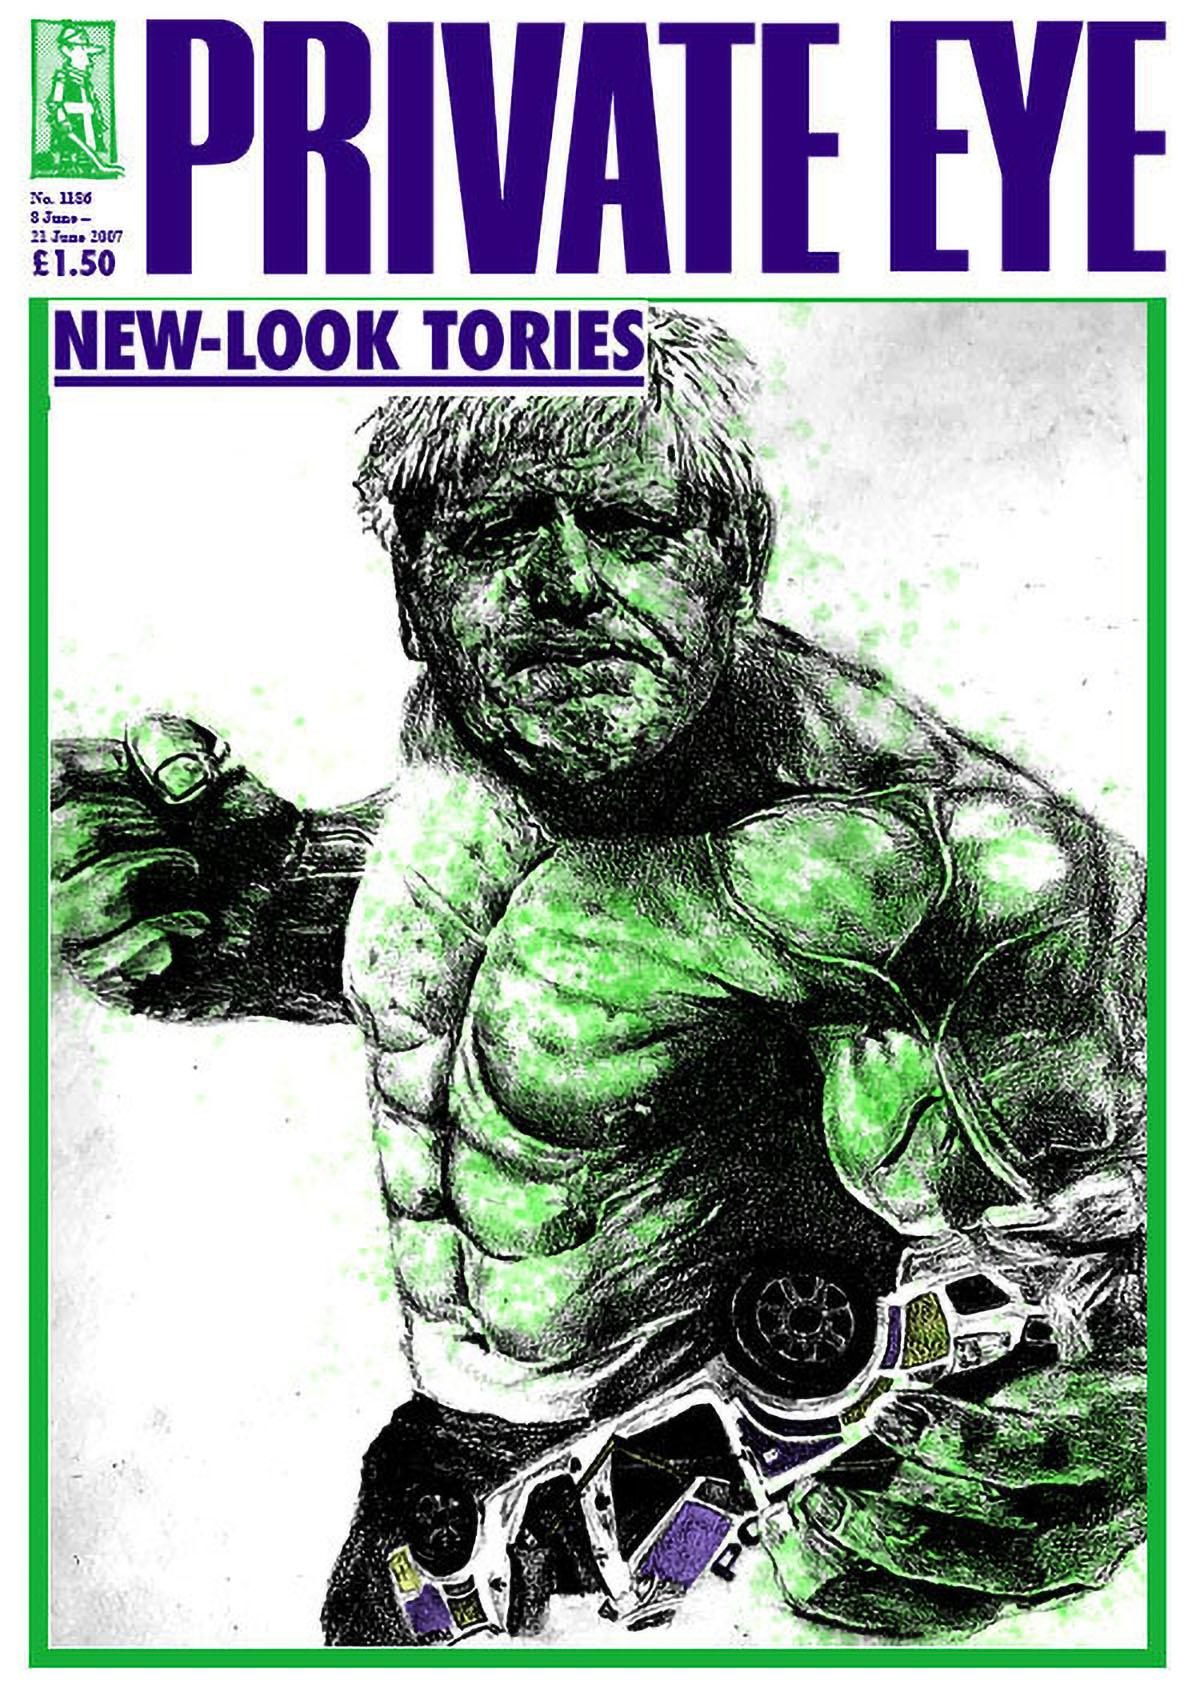 New look Tories